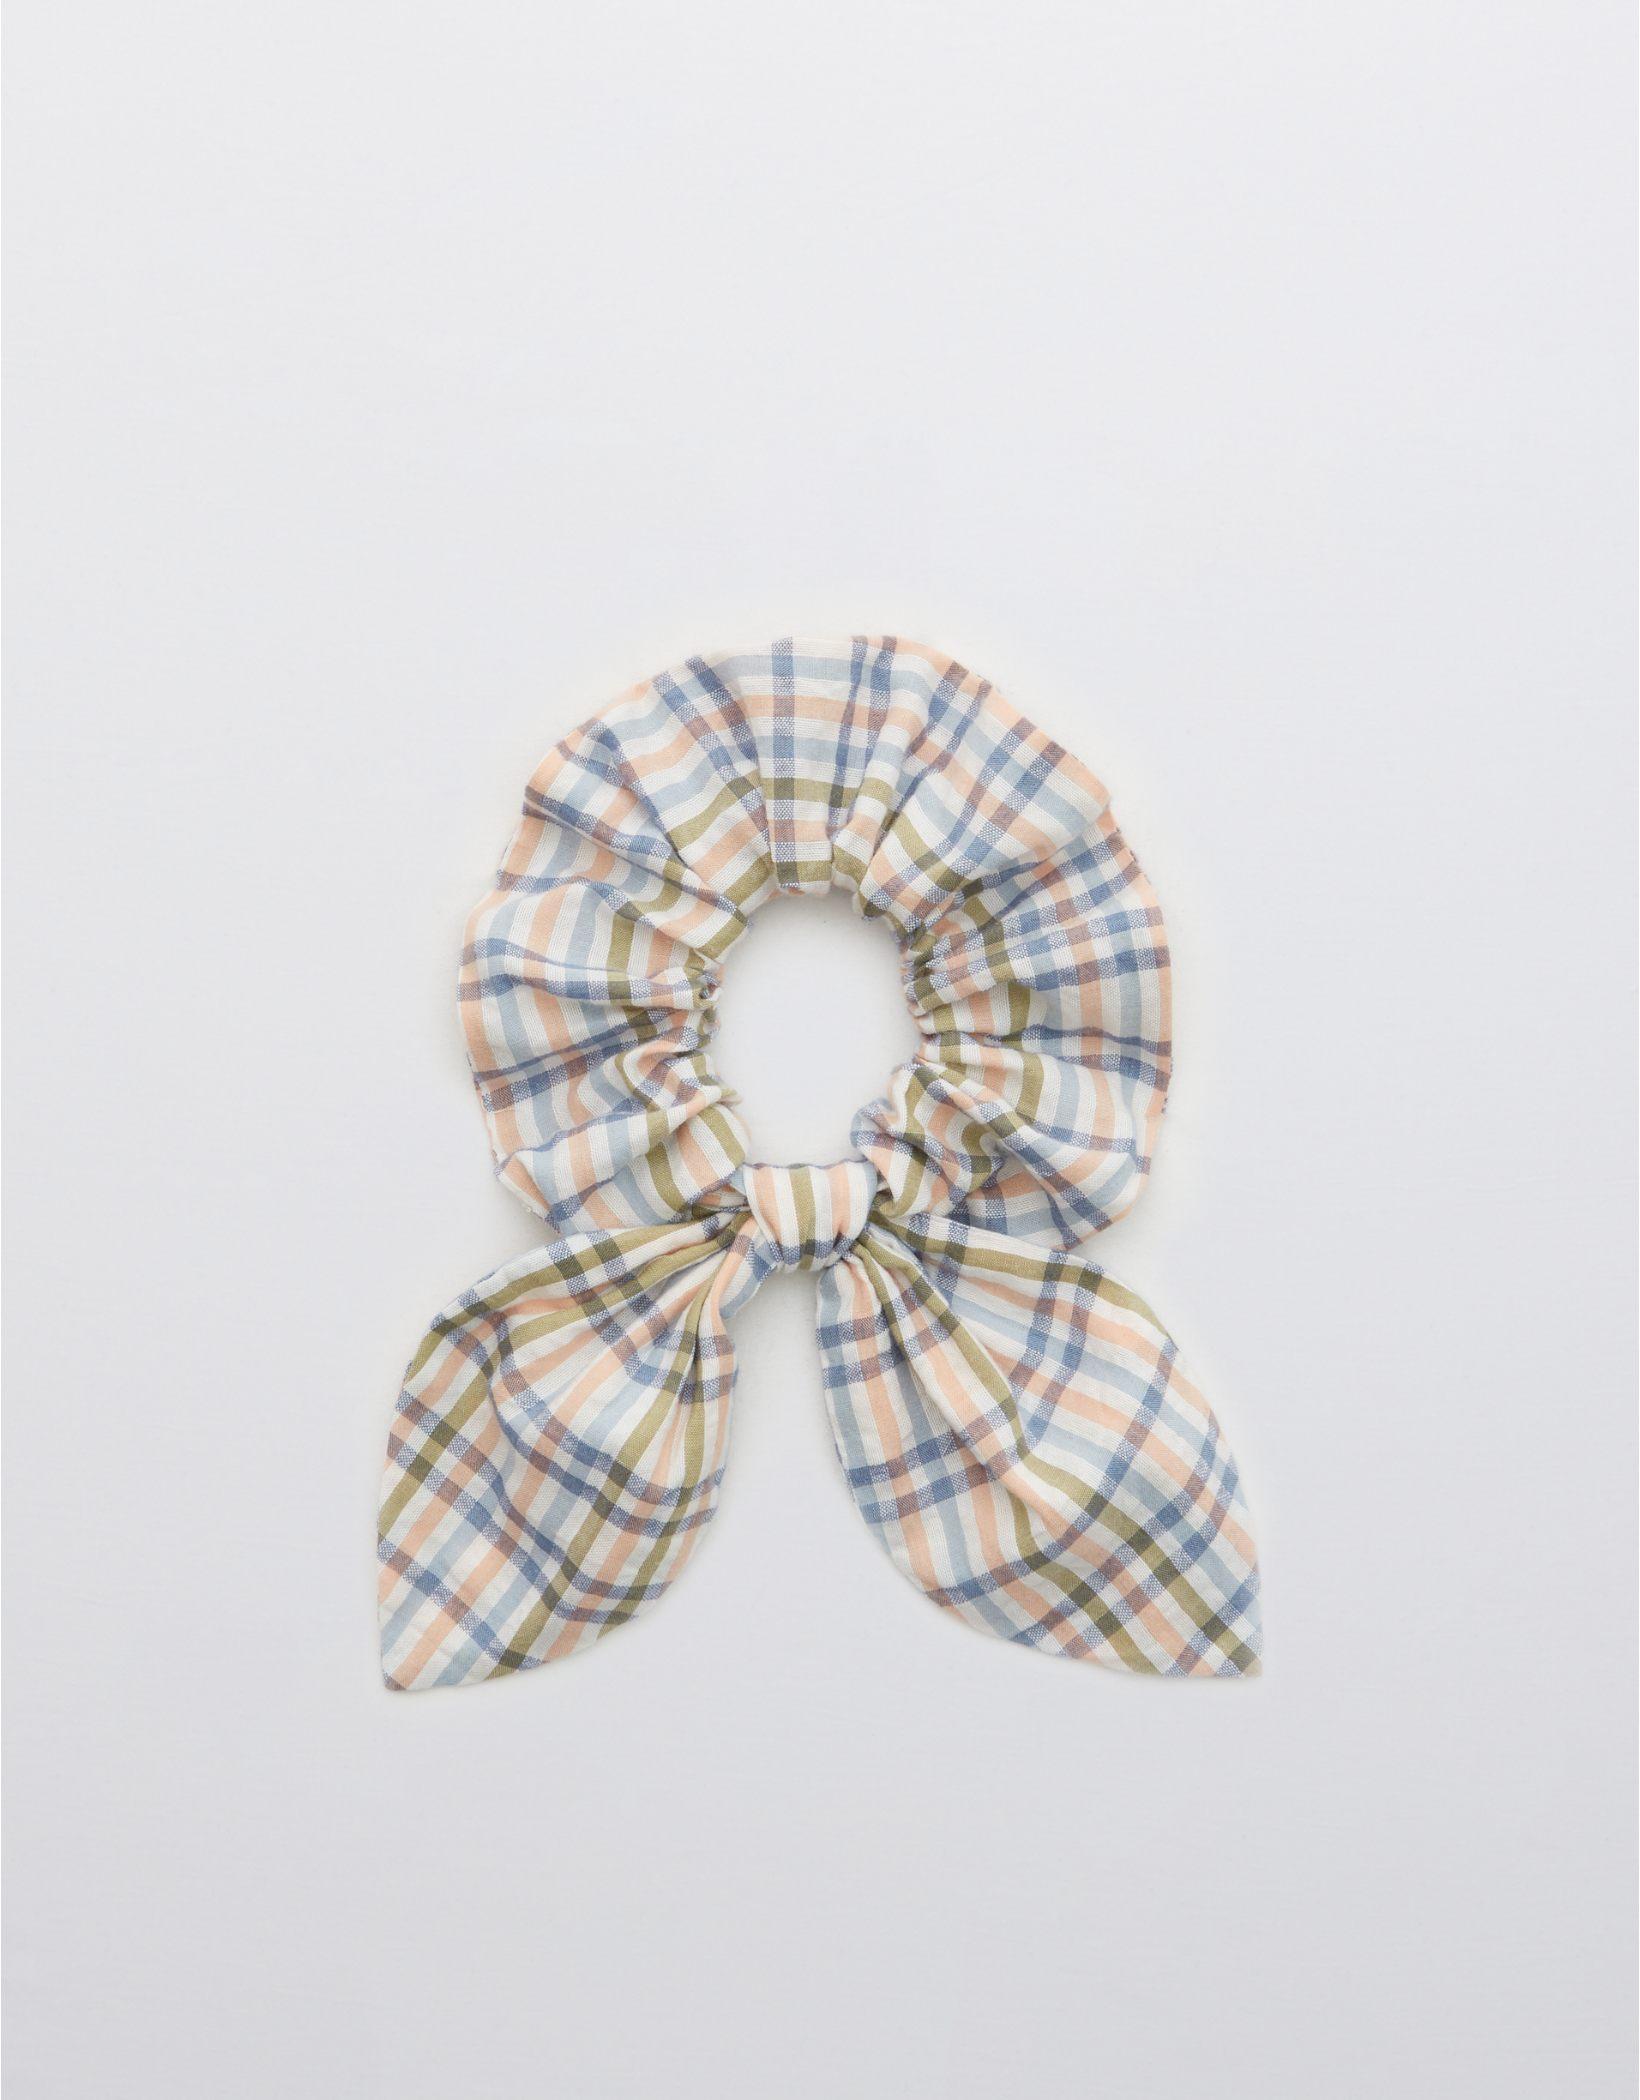 Aerie Seersucker Bow Scrunchie